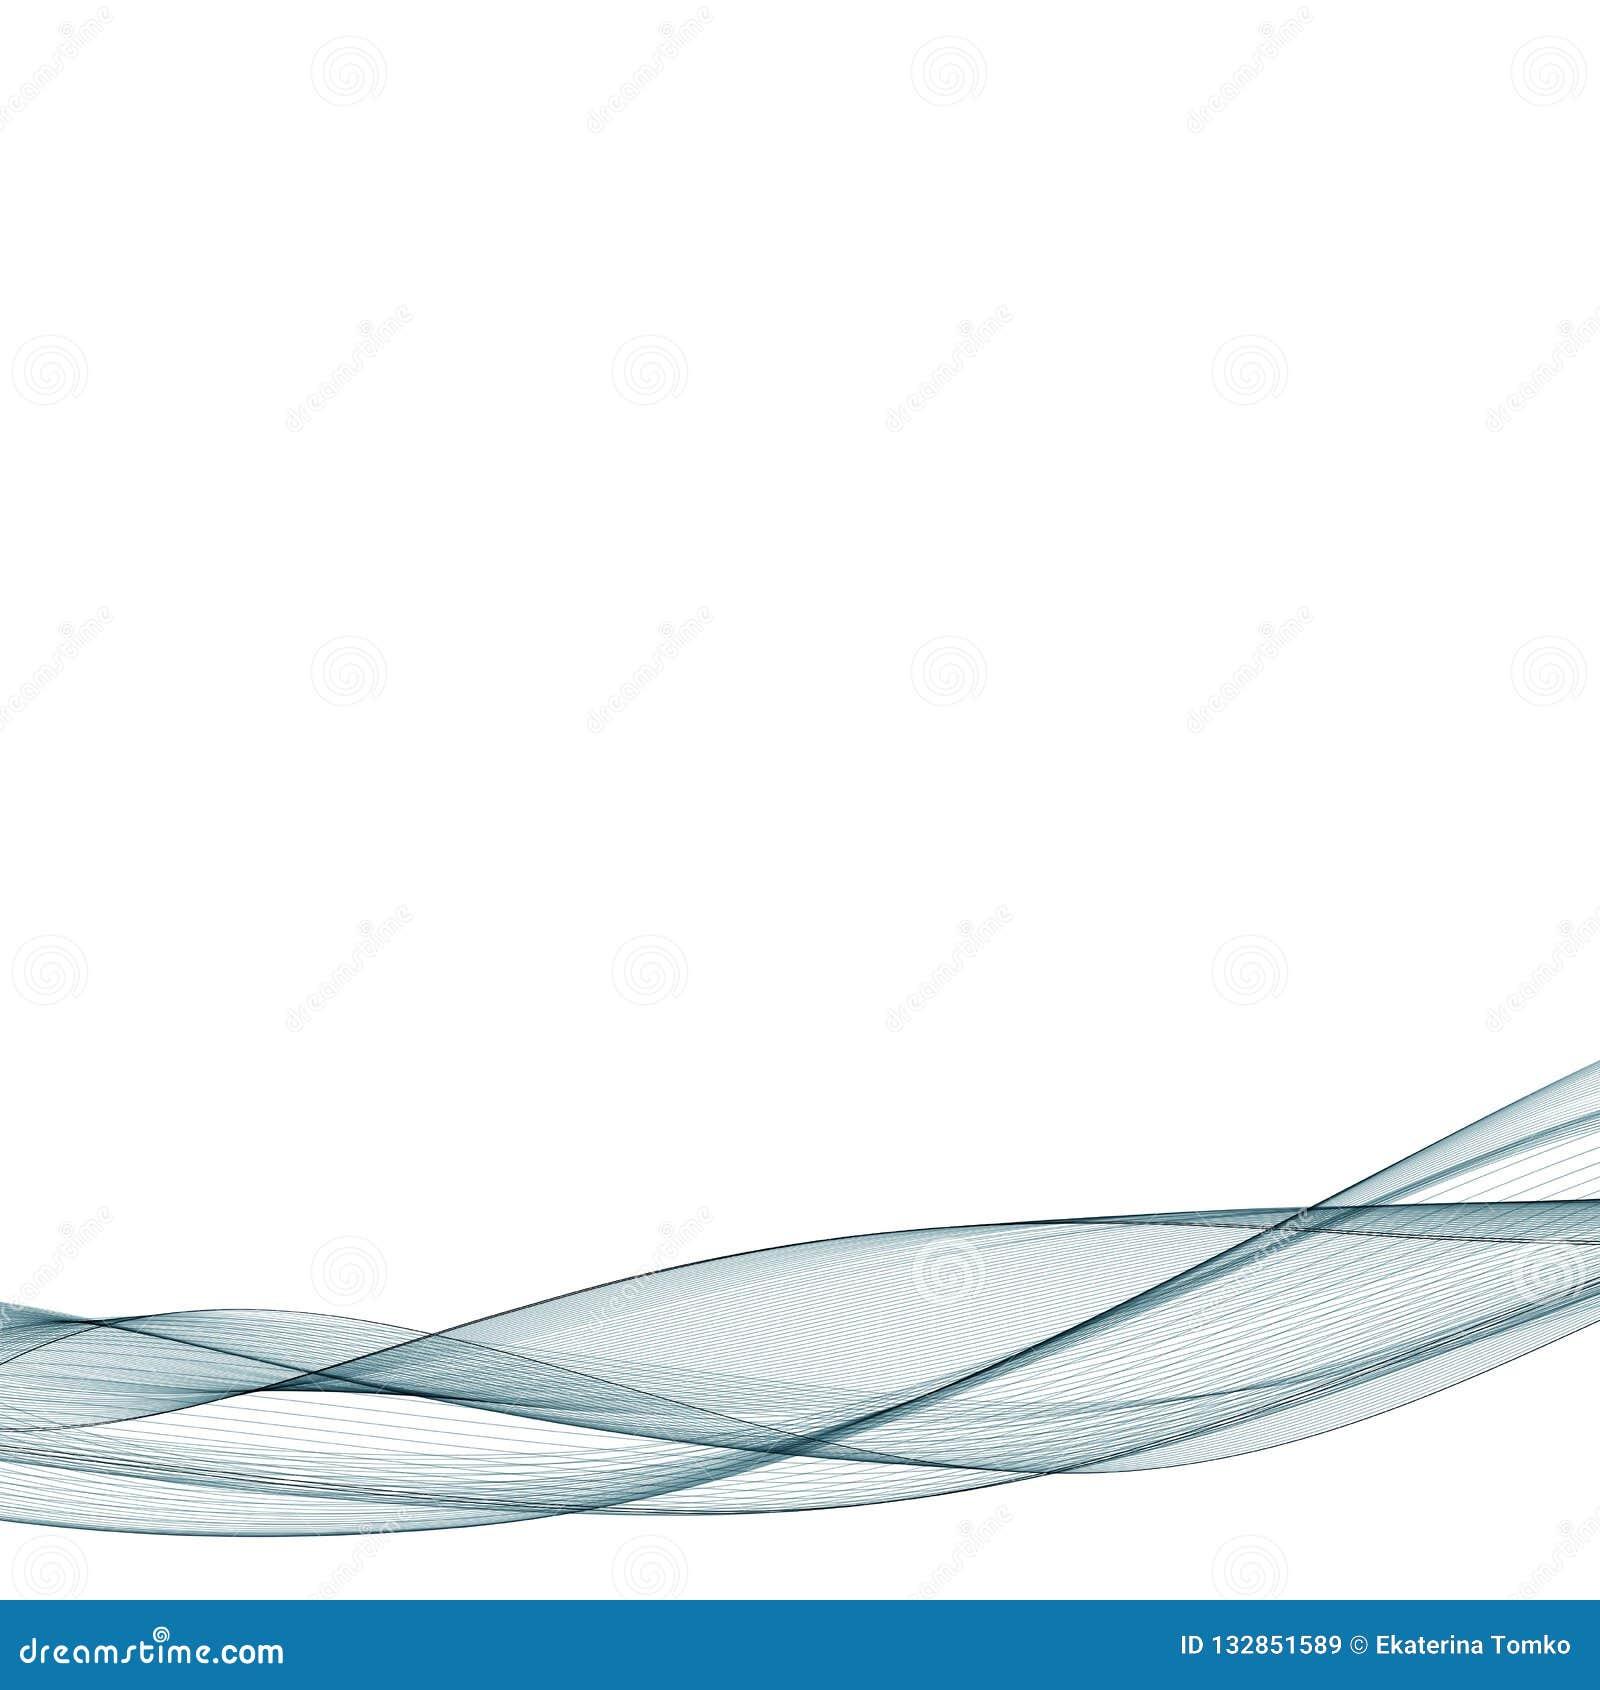 Αφηρημένο ομαλό διάνυσμα κυμάτων χρώματος Μπλε απεικόνιση κινήσεων ροής καμπυλών Σχέδιο καπνού Διανυσματικές γραμμές